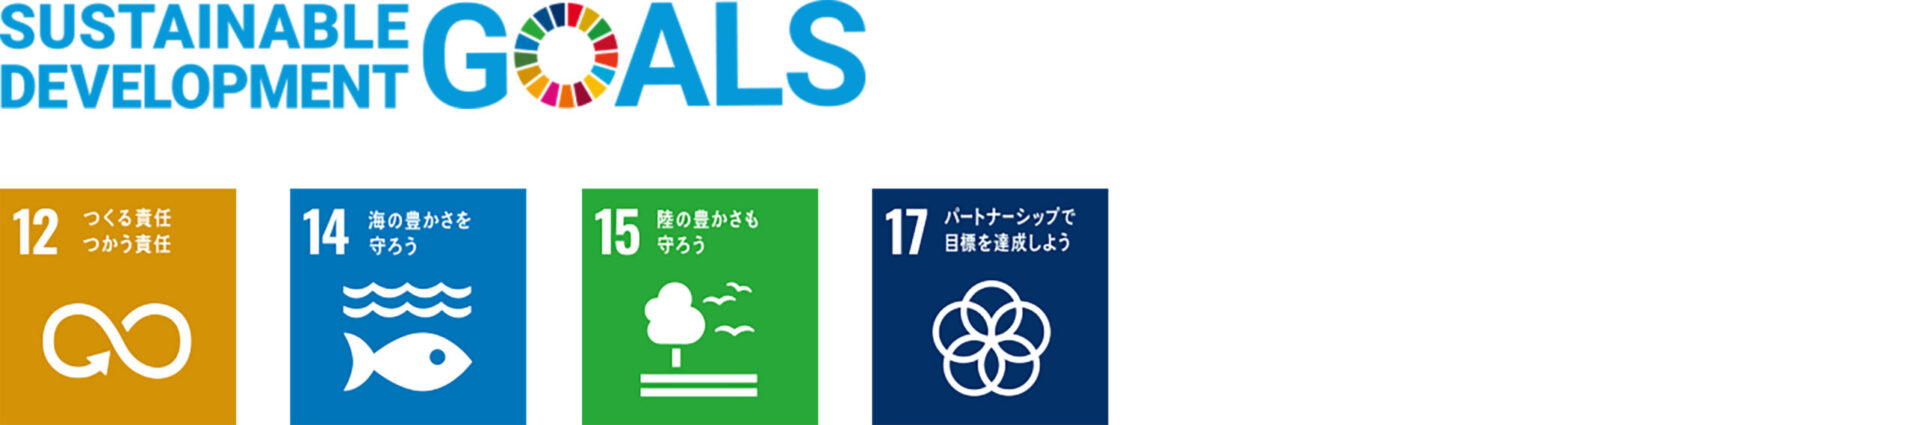 SDGs目標への貢献